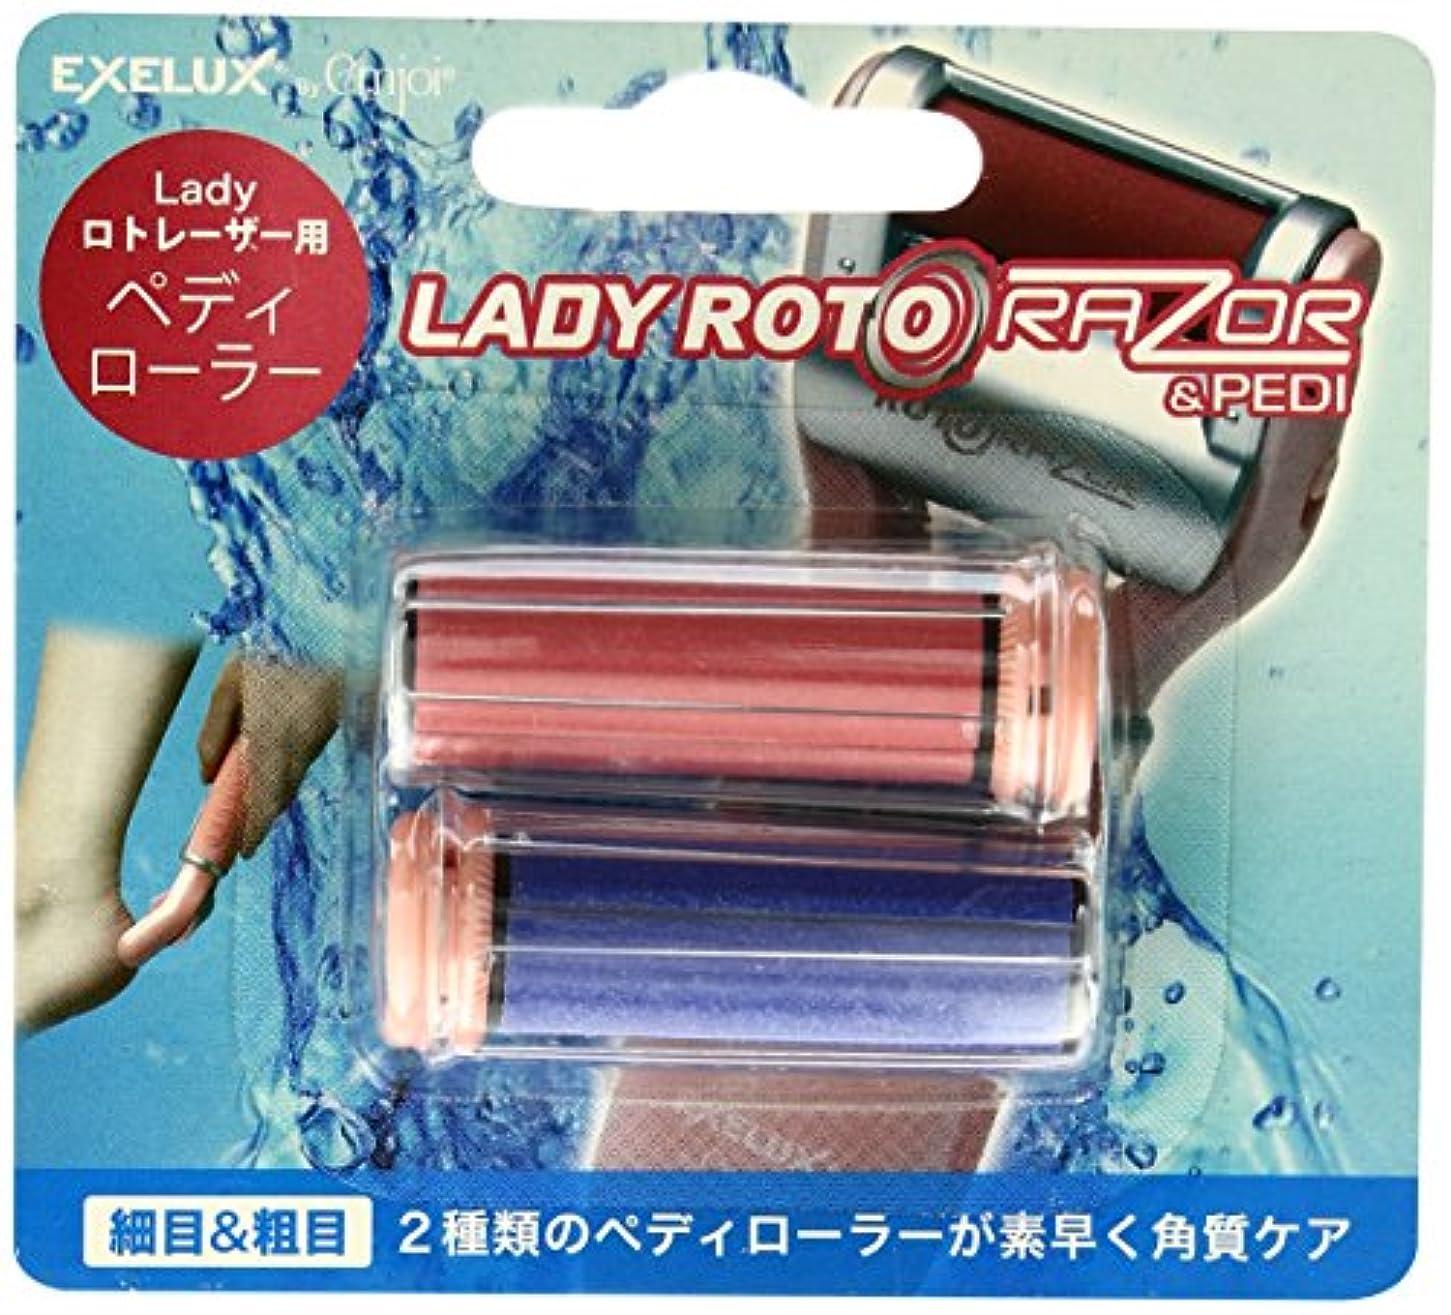 解釈再開シャトルmetex Lady ロトレーザー & Pedi用ペディローラー EJRR-LP2